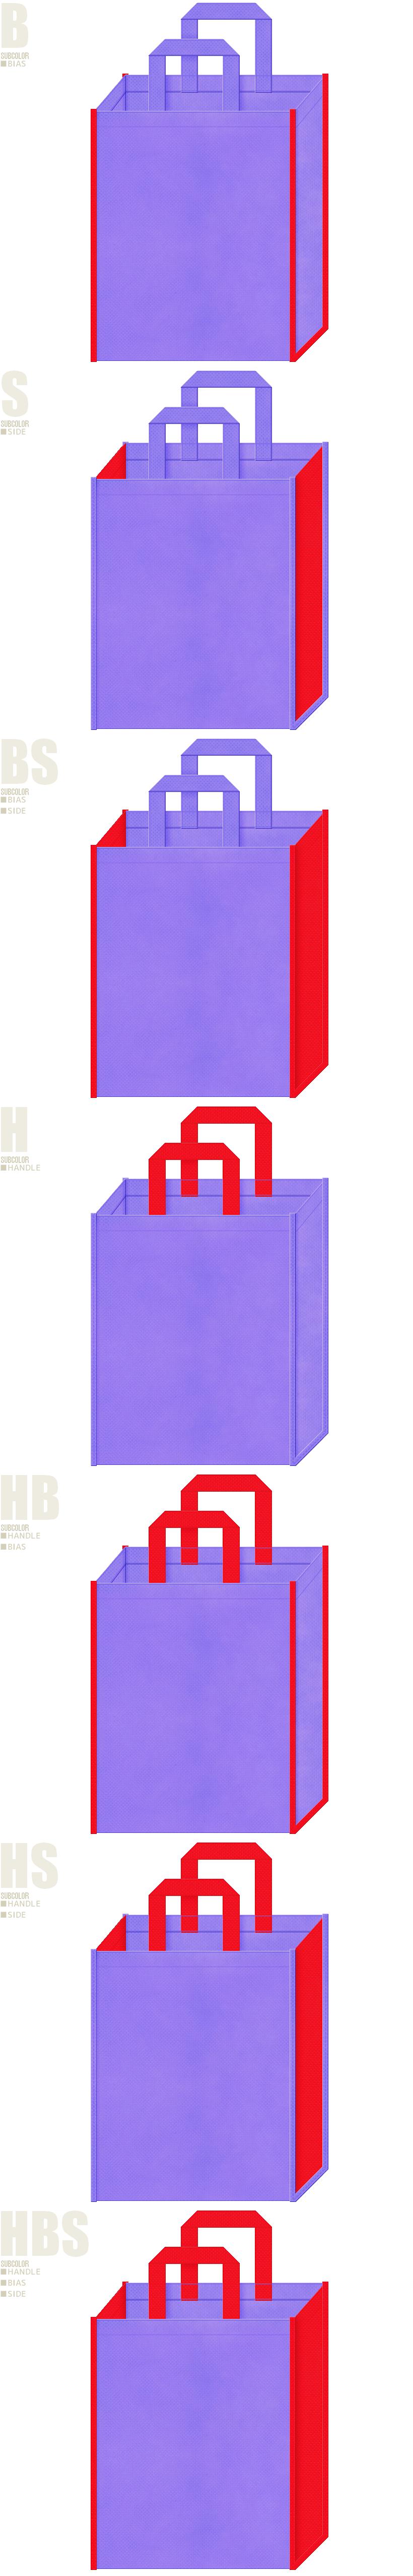 薄紫色と赤色の配色7パターン:不織布トートバッグのデザイン